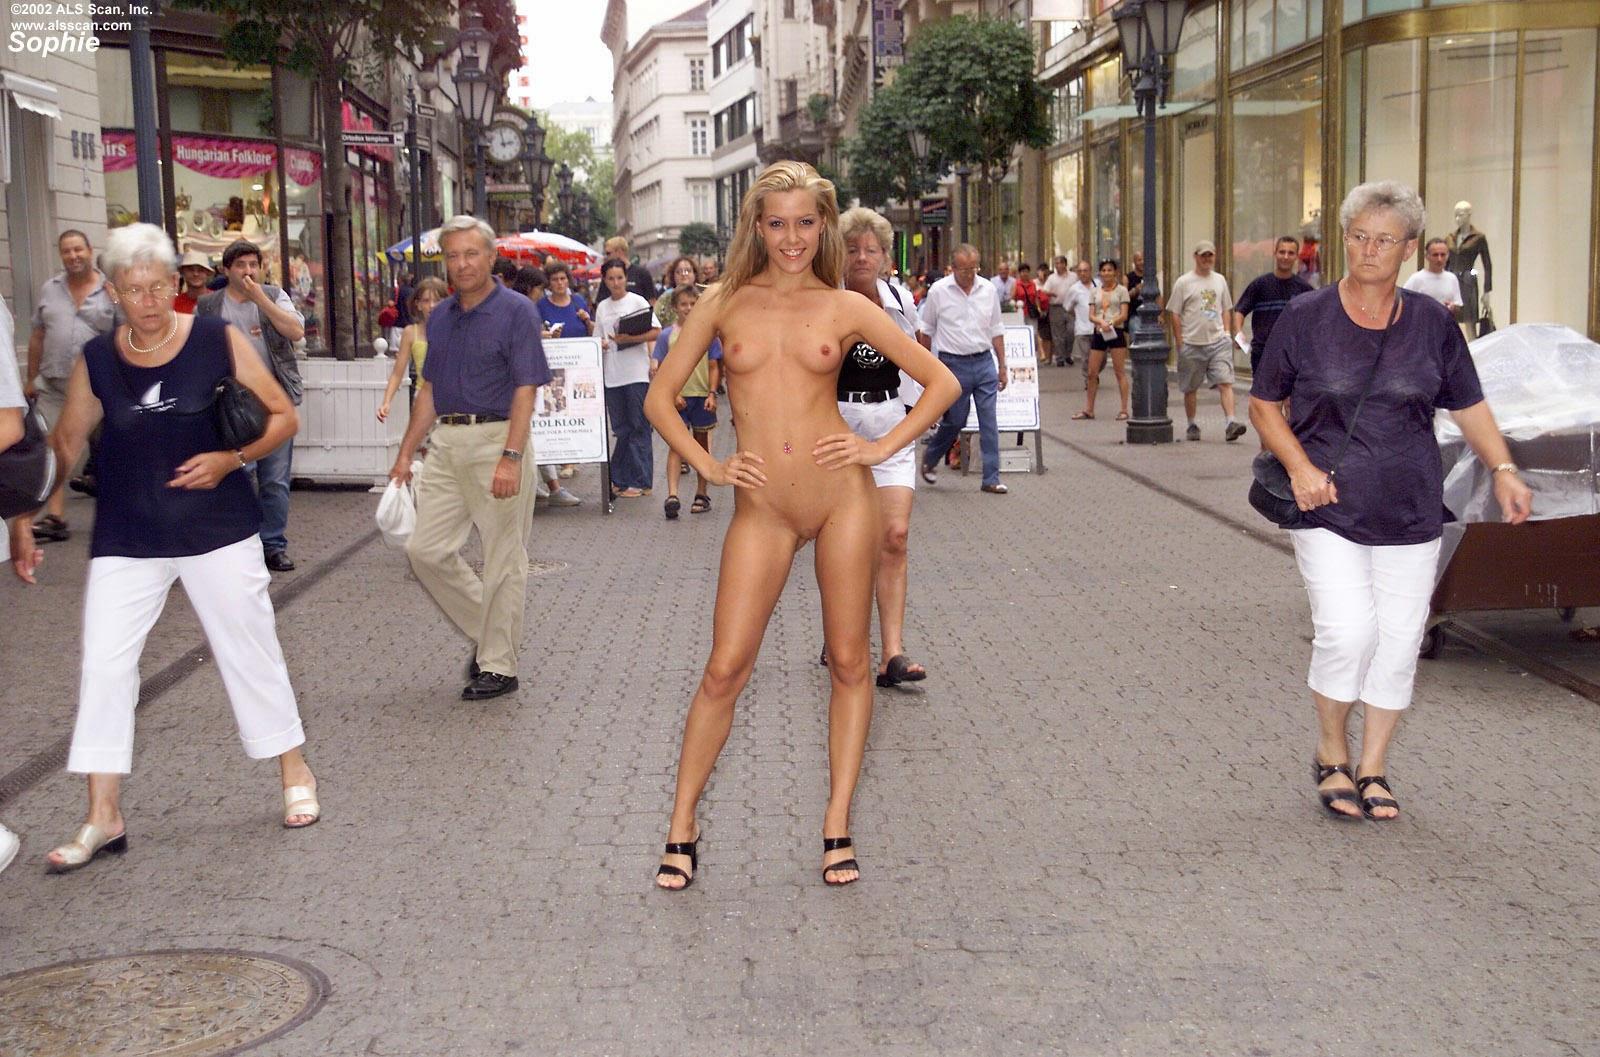 Japan Hd Nude In Public 111